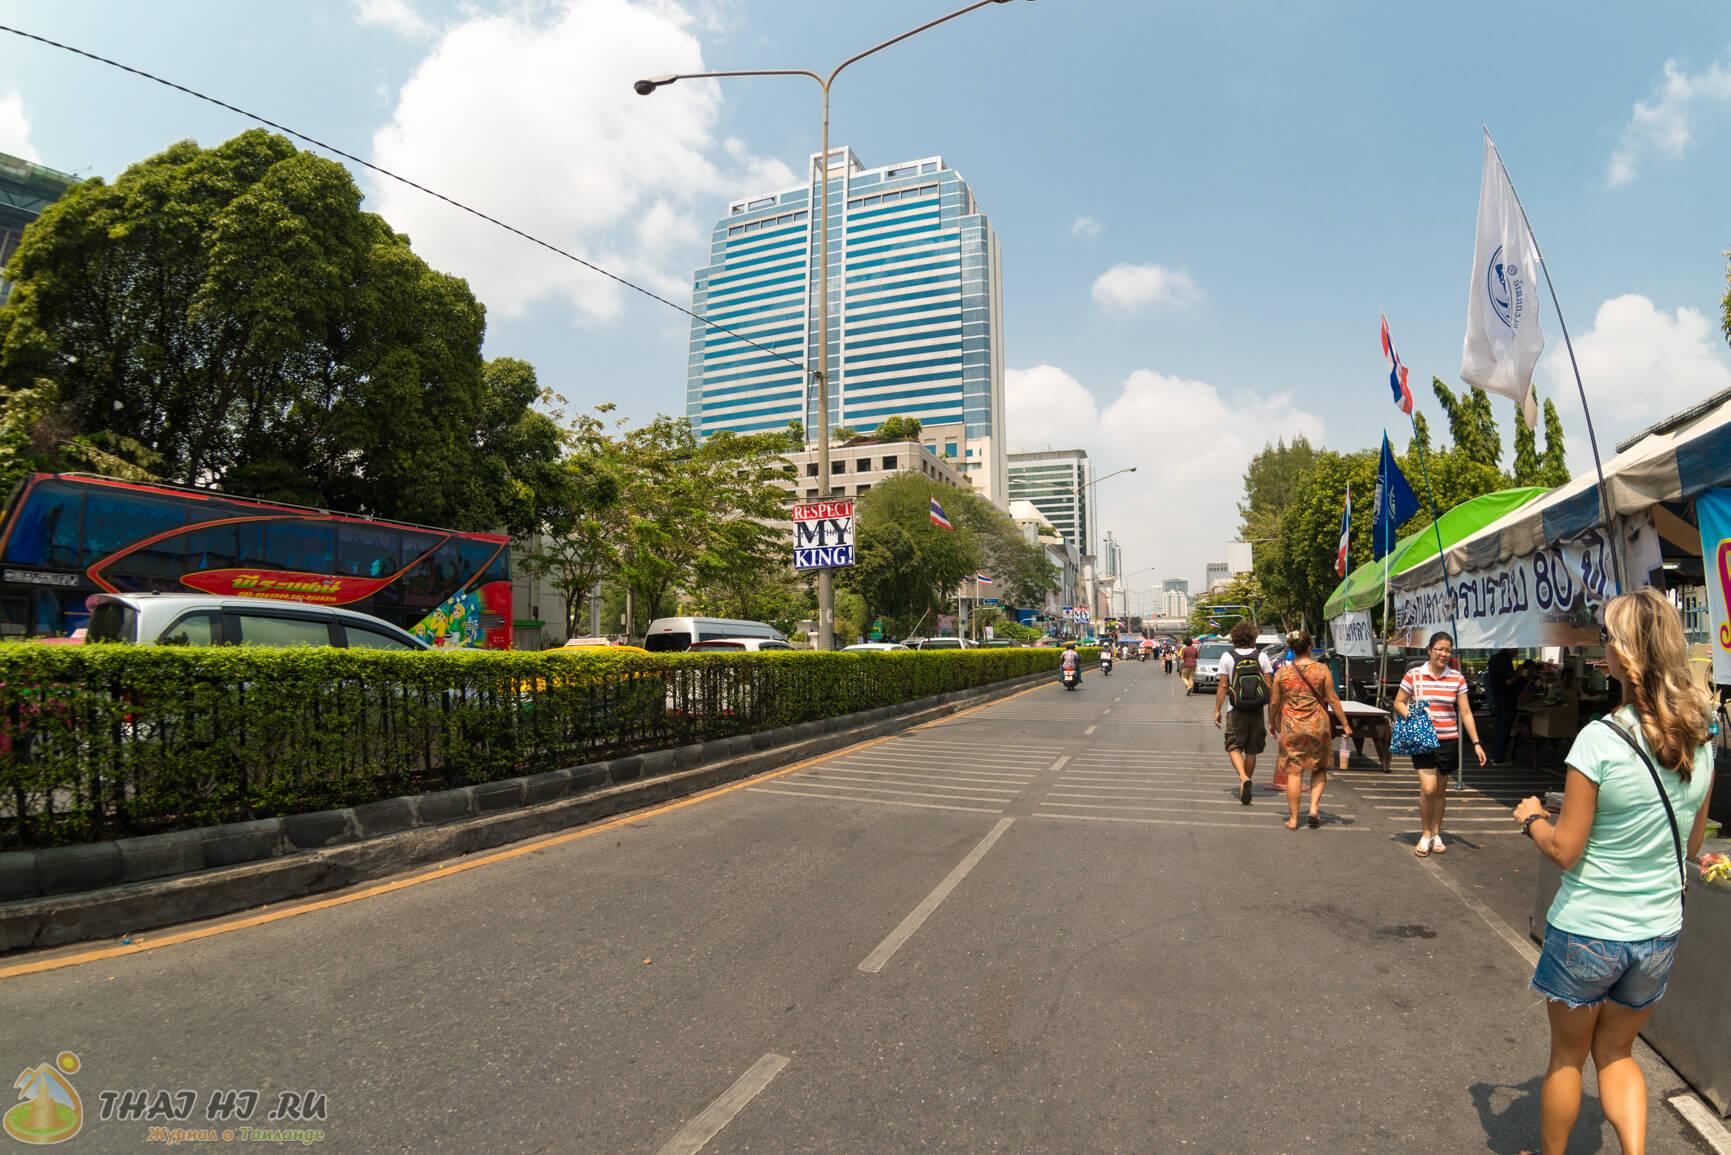 Бангкок 2014 - фото у МБК